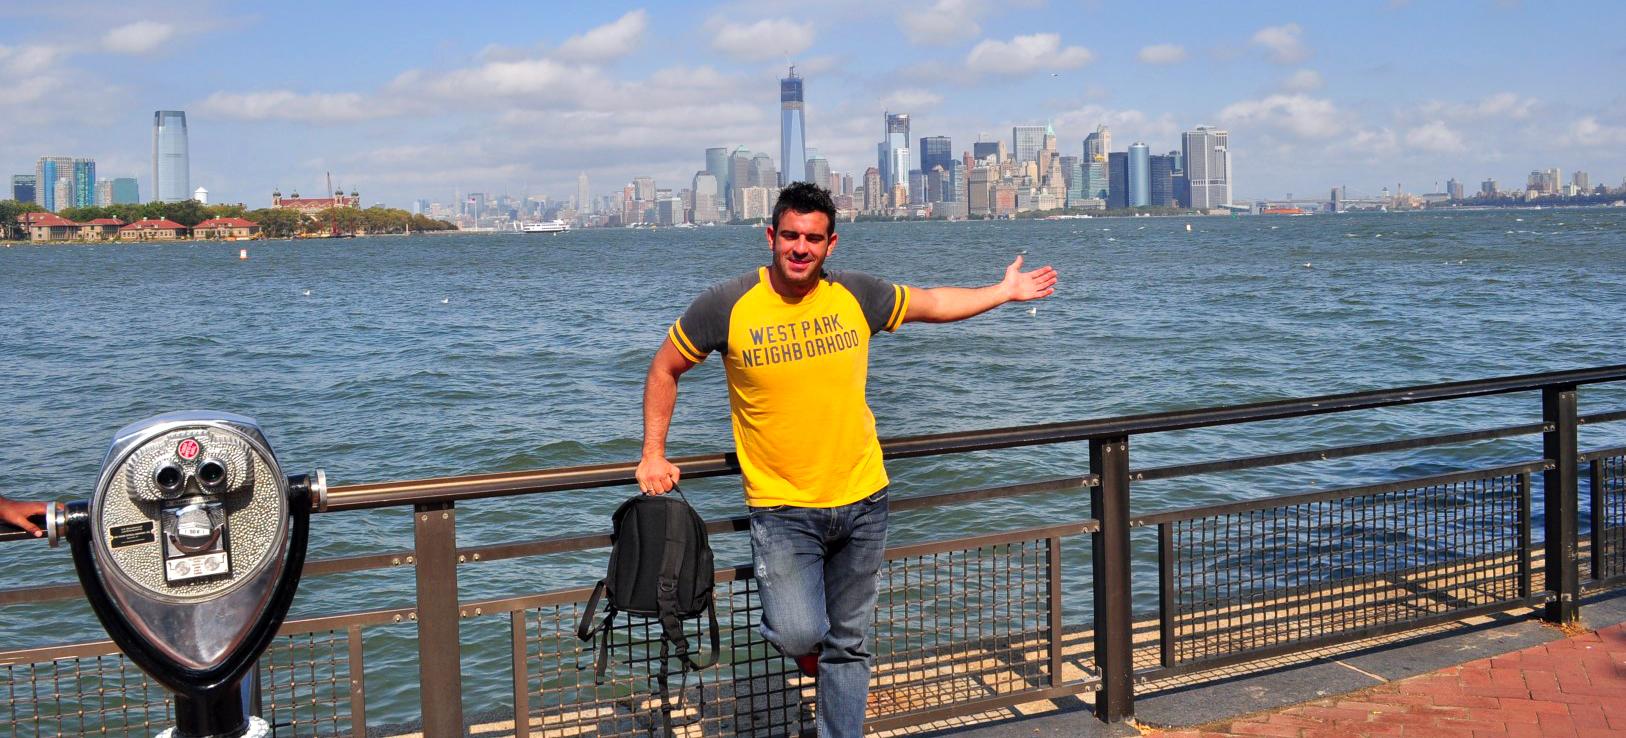 Qué hacer y ver en Nueva York qué hacer y ver en nueva york - 31142707235 9da4ece5de o - Qué hacer y ver en Nueva York